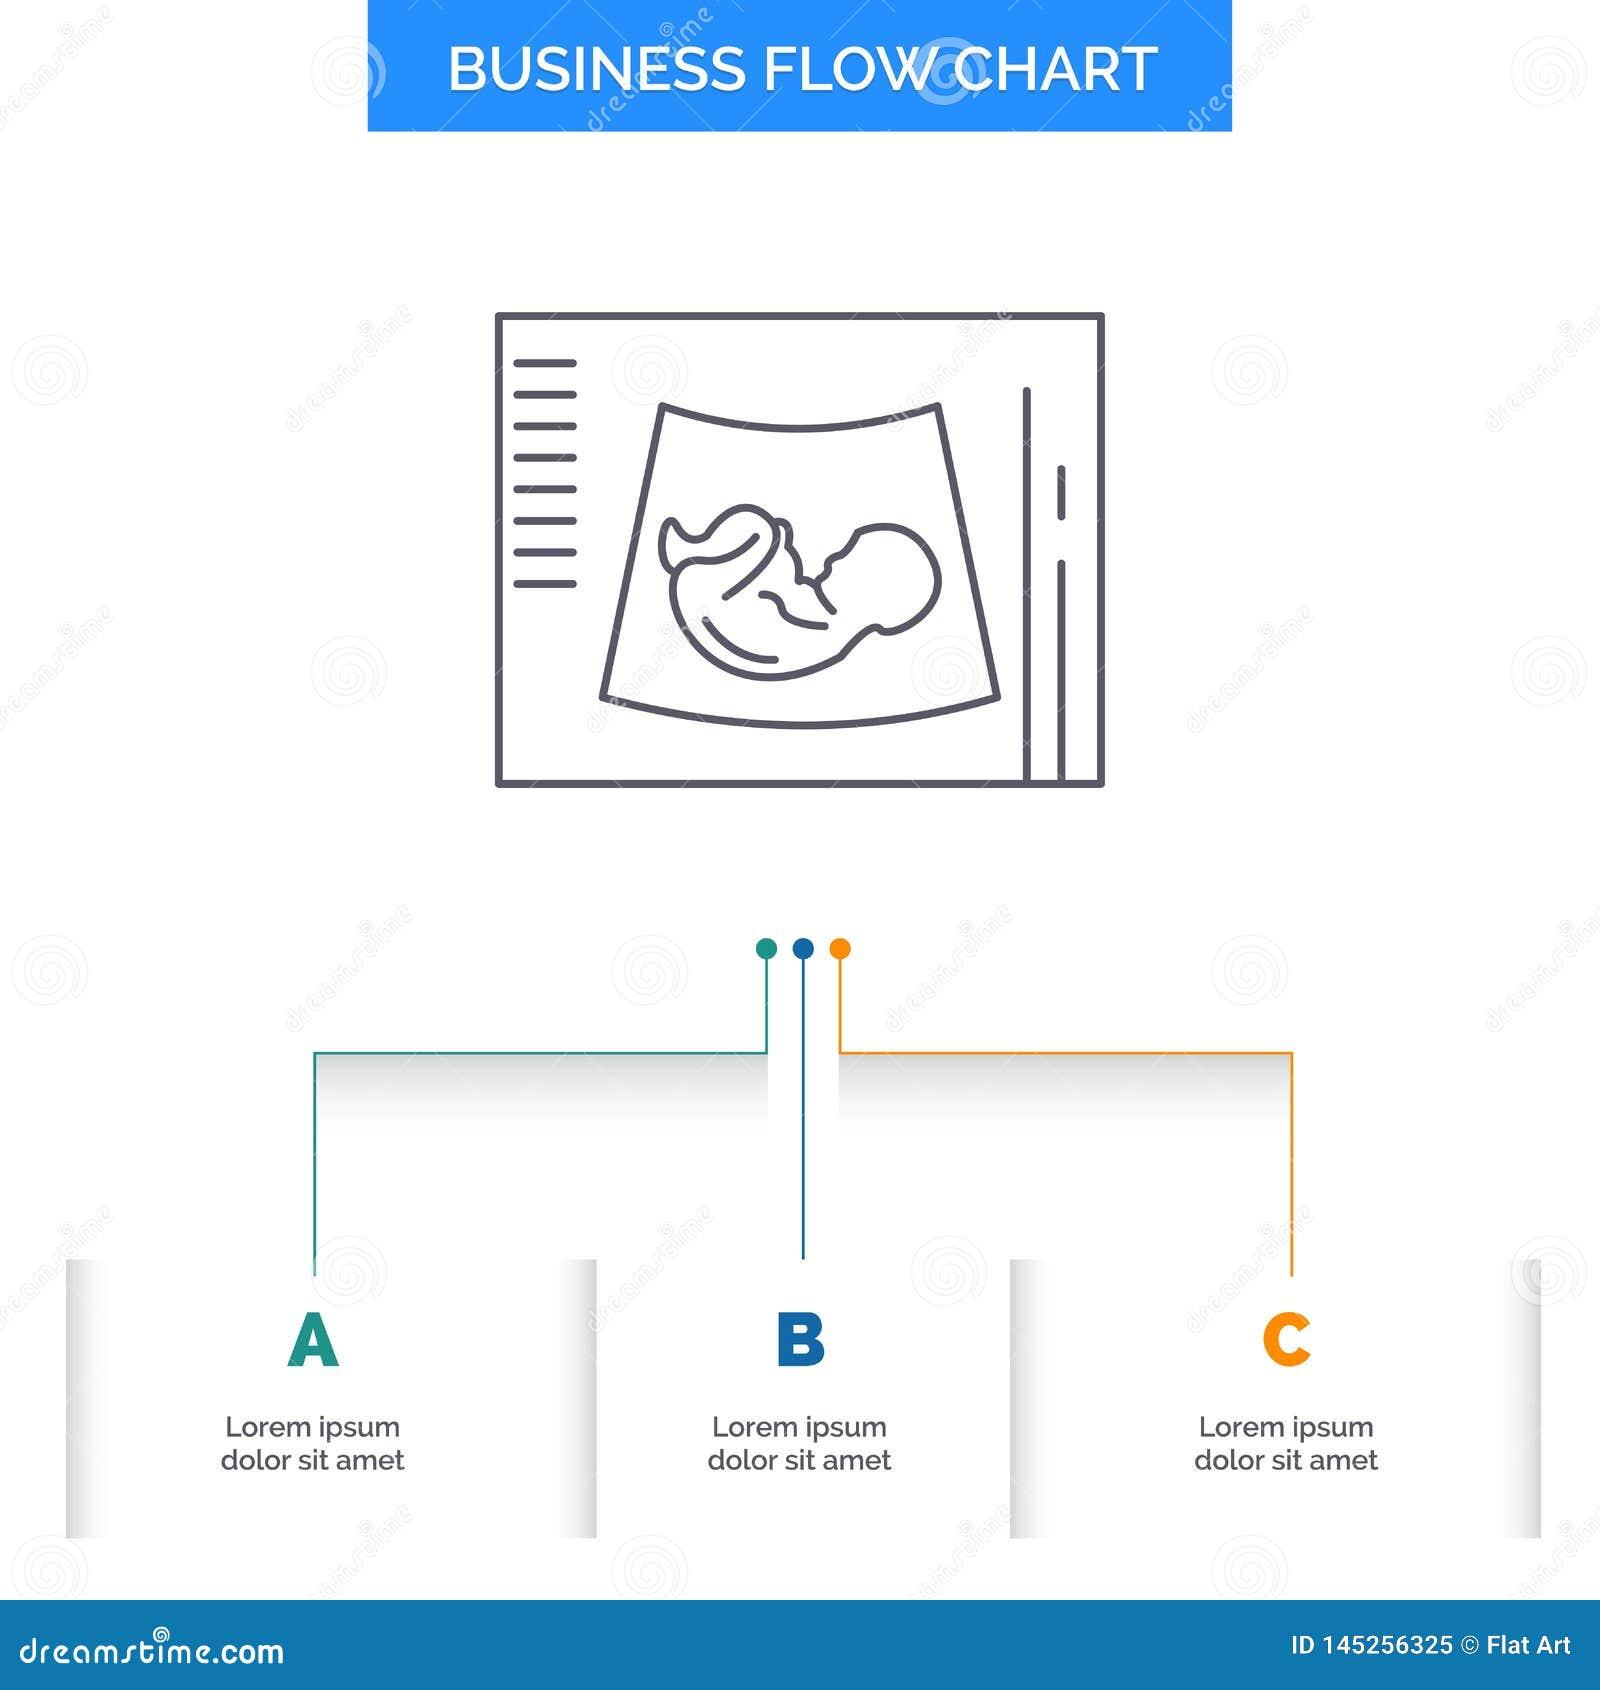 Maternità, gravidanza, sonogram, bambino, progettazione del diagramma di flusso di affari di ultrasuono con 3 punti Linea icona p